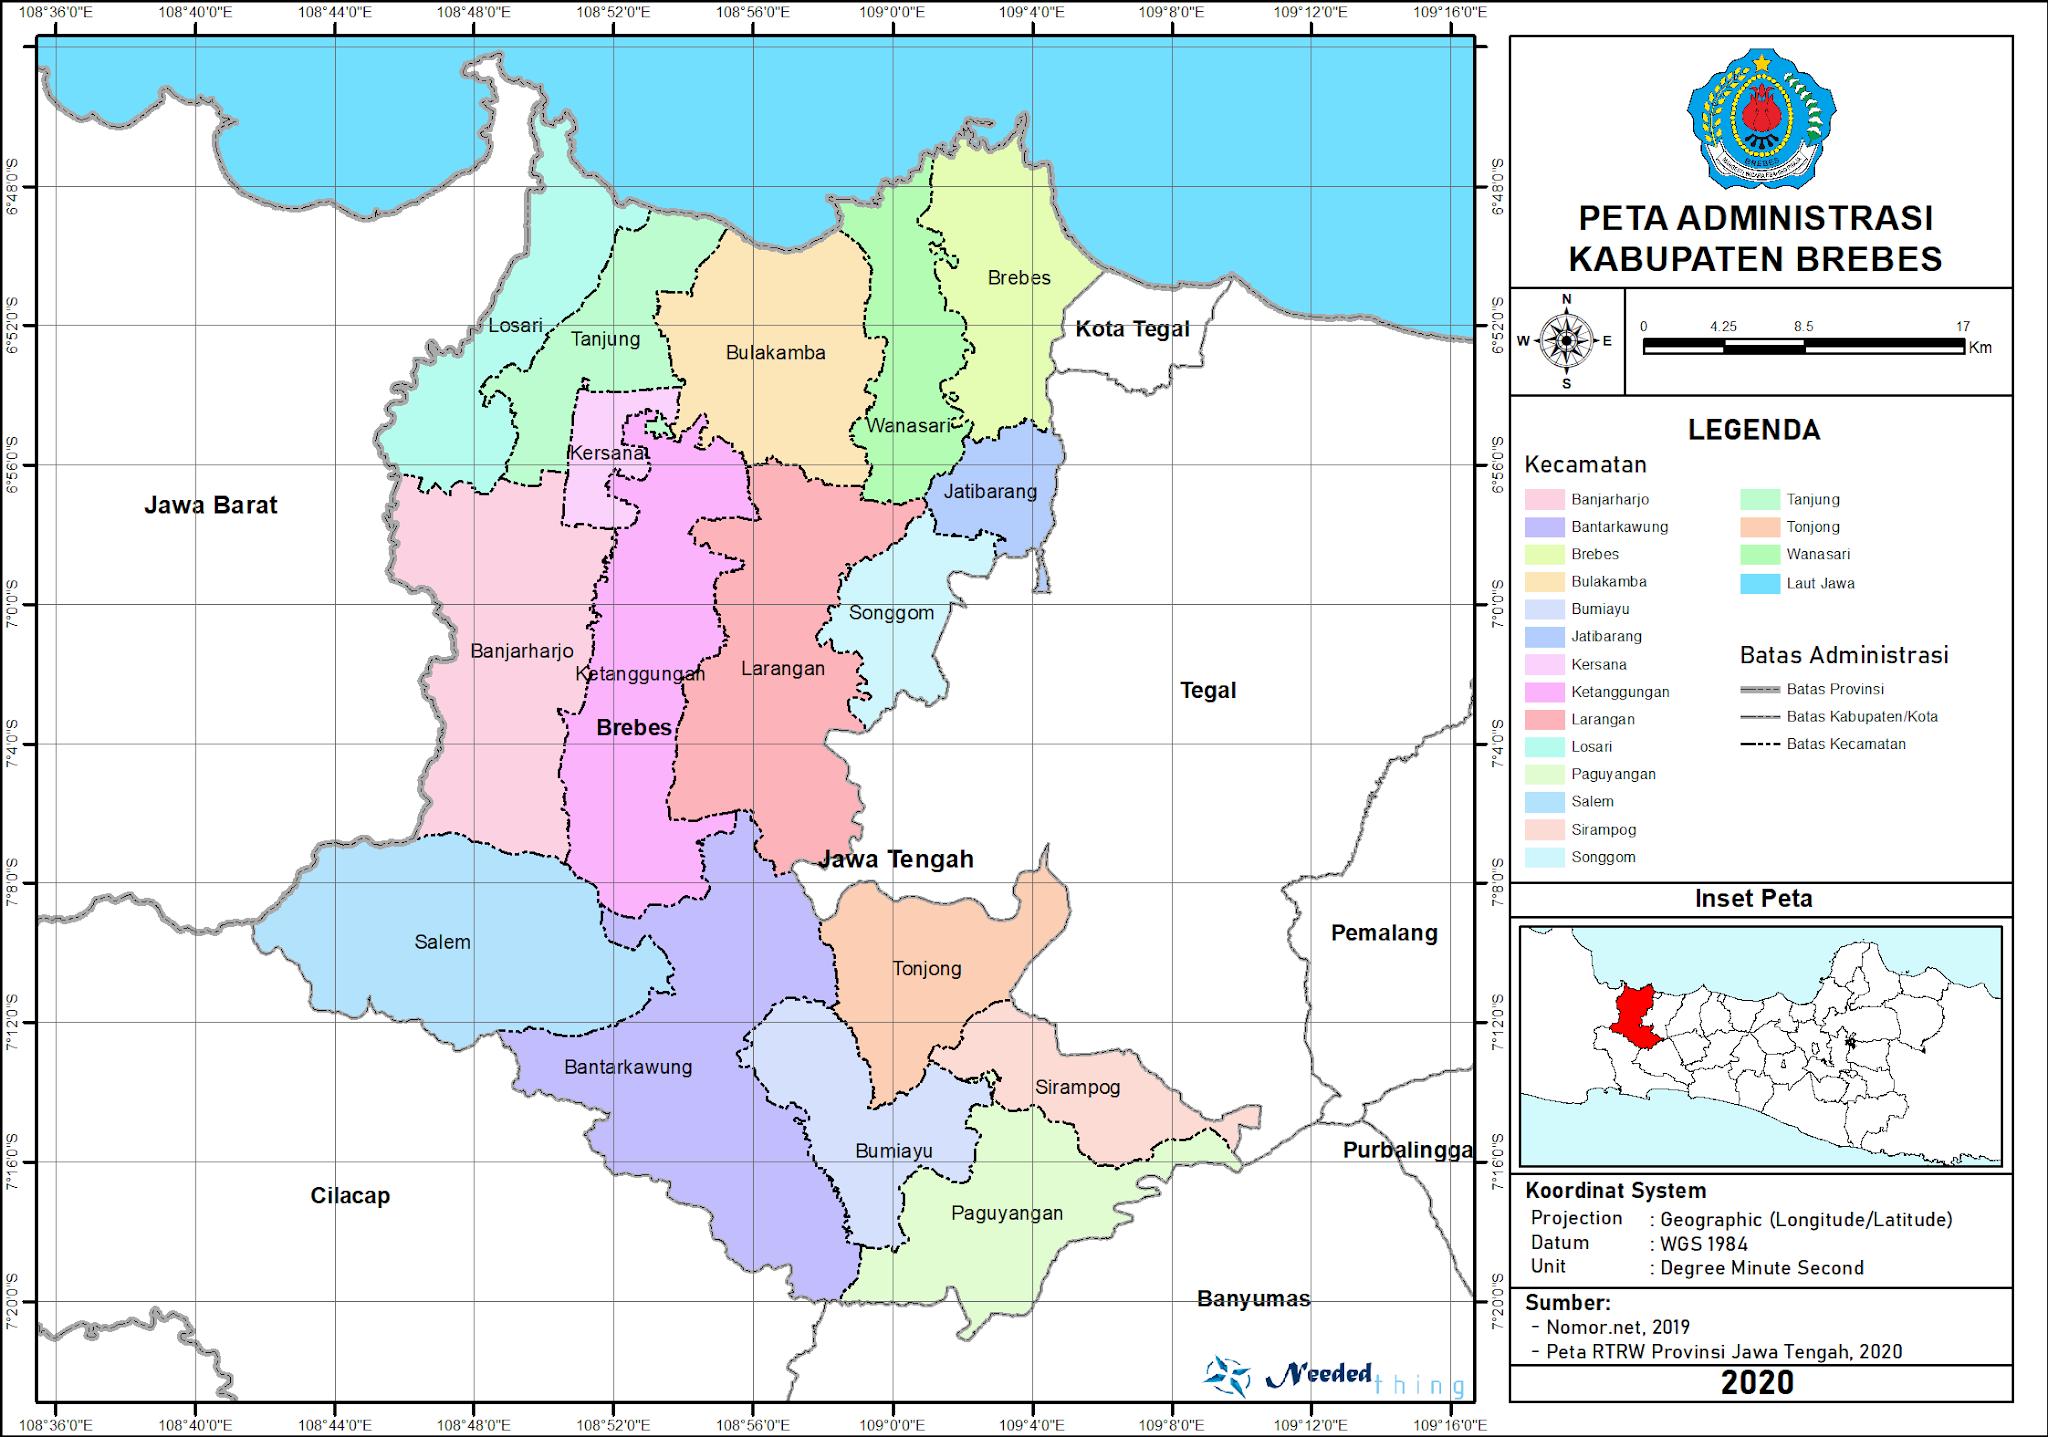 Peta Administrasi Kabupaten Brebes, Provinsi Jawa Tengah ...